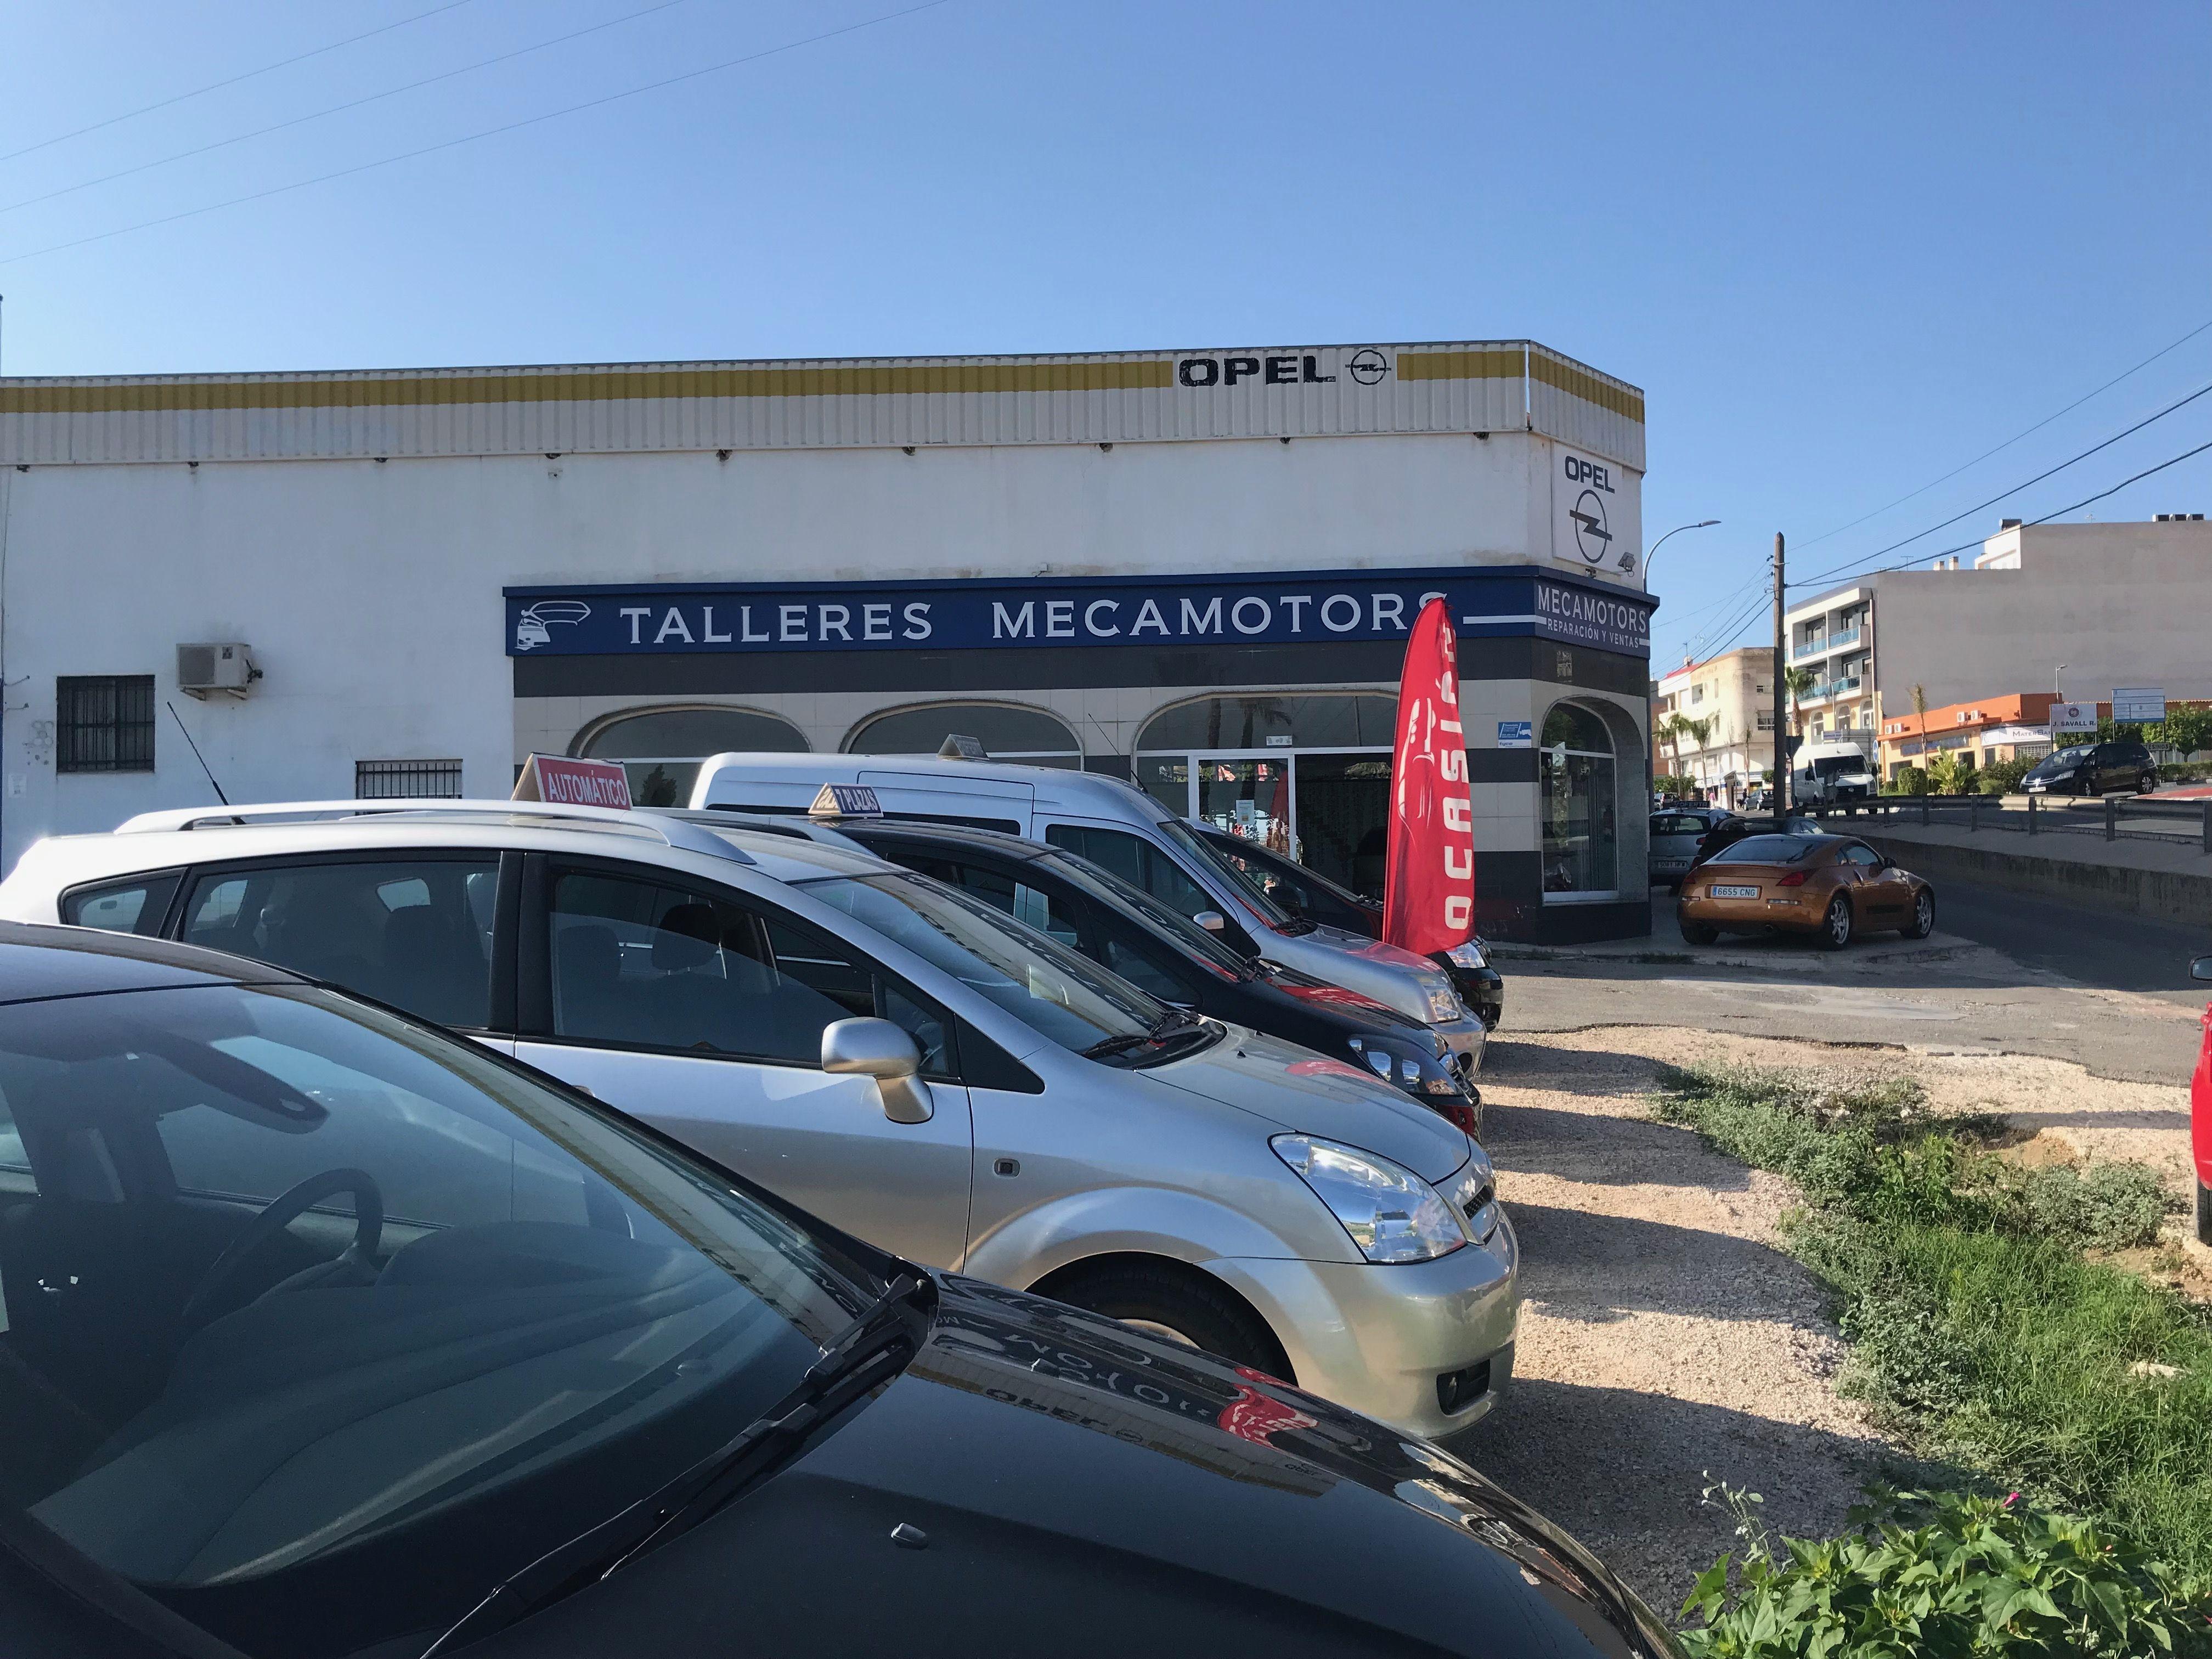 Taller con vehículo de sustitución Alicante